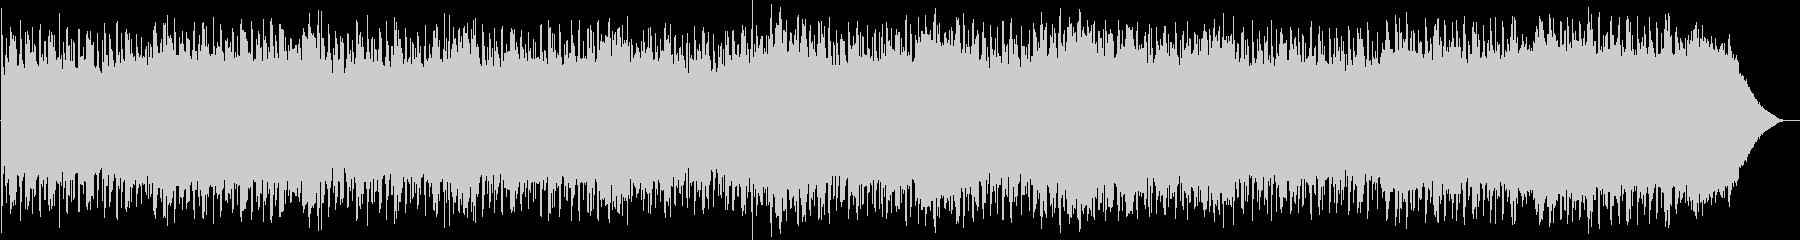 楽しげなキラキラとしたエレクトロニカの未再生の波形